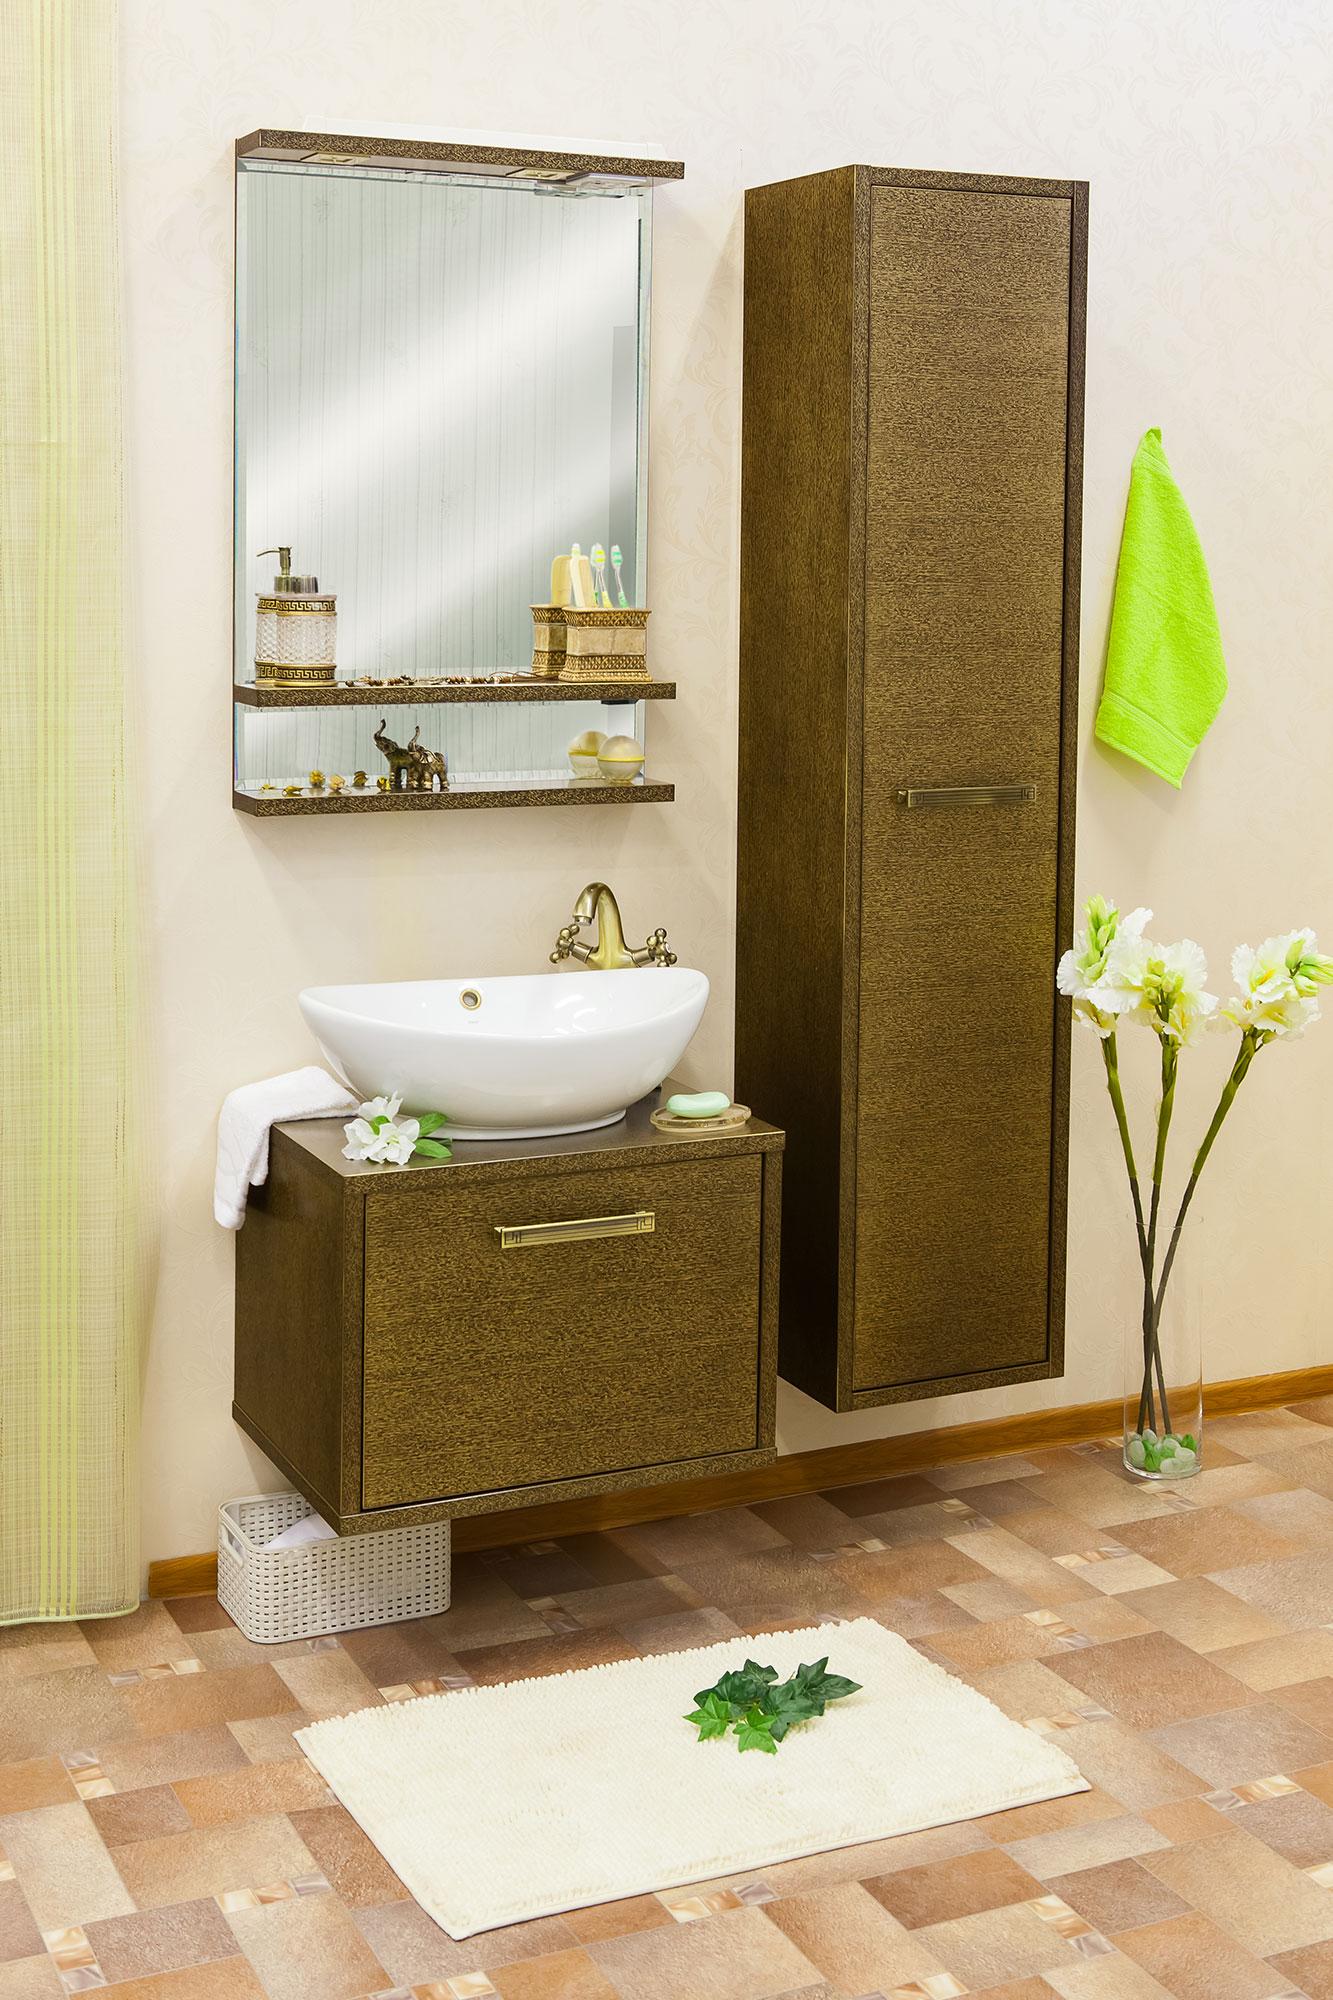 Сбор заказов. Для ванных комнат: тумбы, умывальники, пеналы, полупеналы, зеркала. 3D-фрезерование, патинирование, экологически чистые материалы. Мебель, которую выгодно покупать - 39